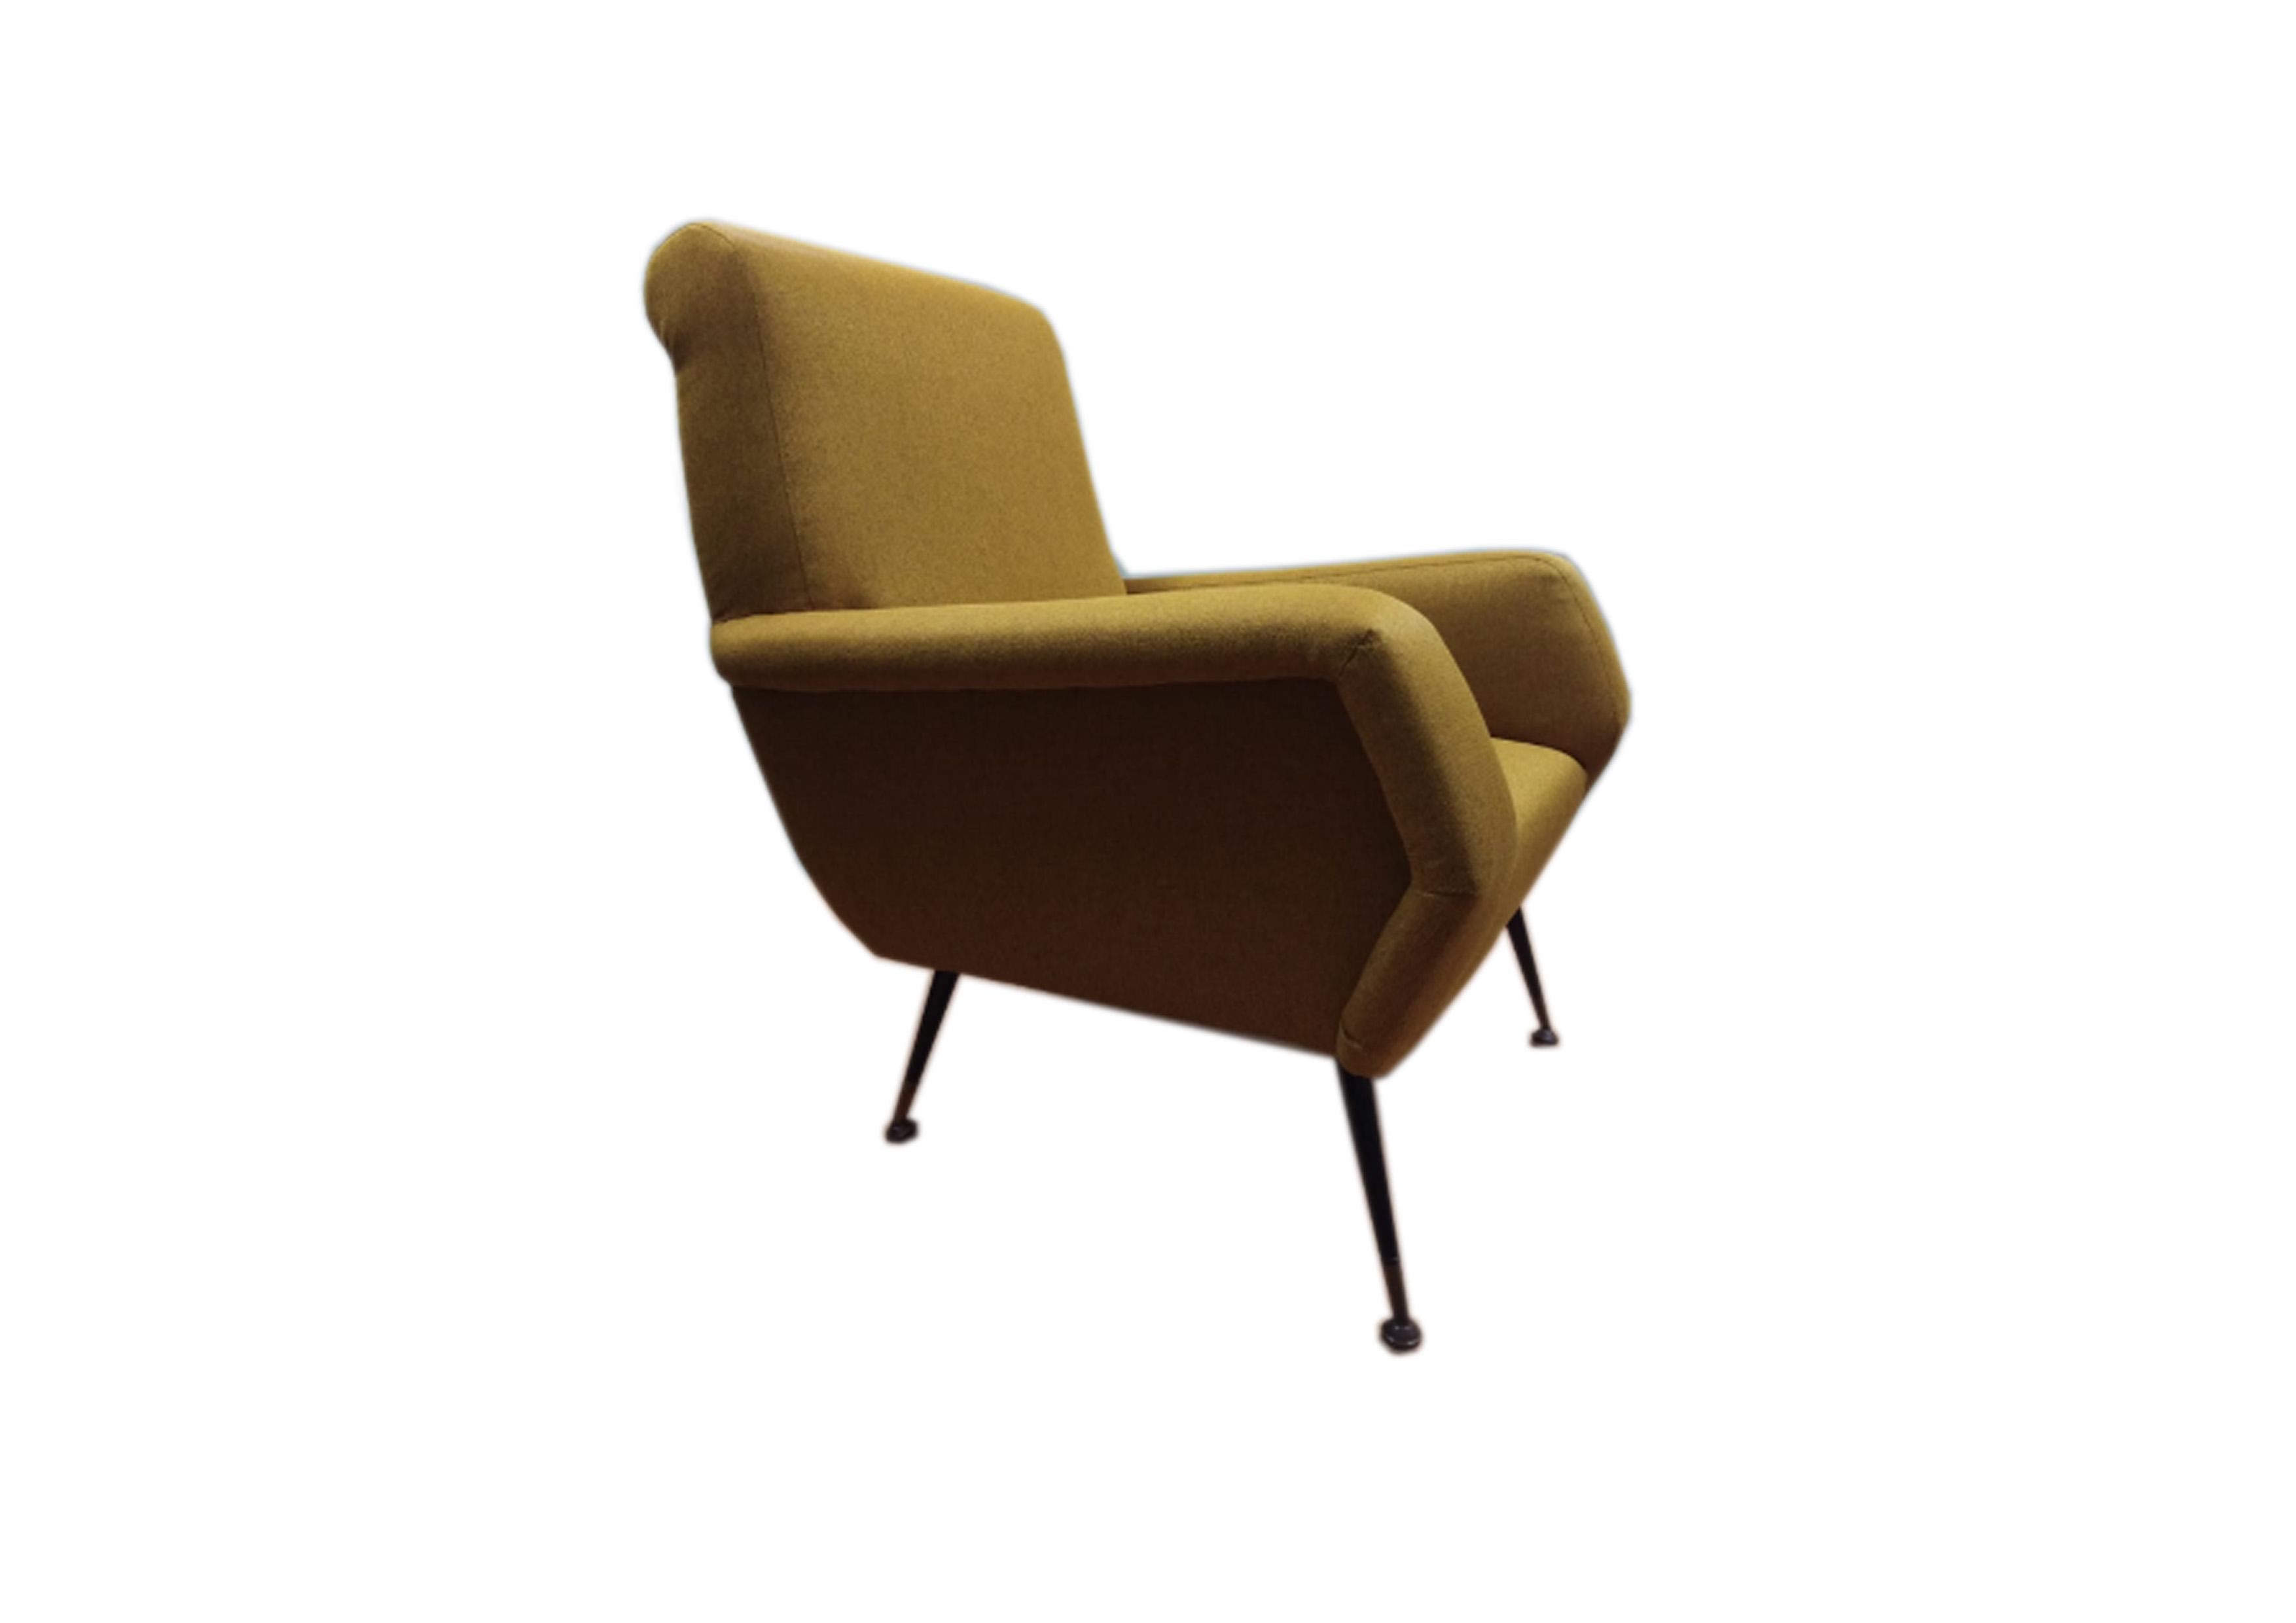 a97-armchair-radice